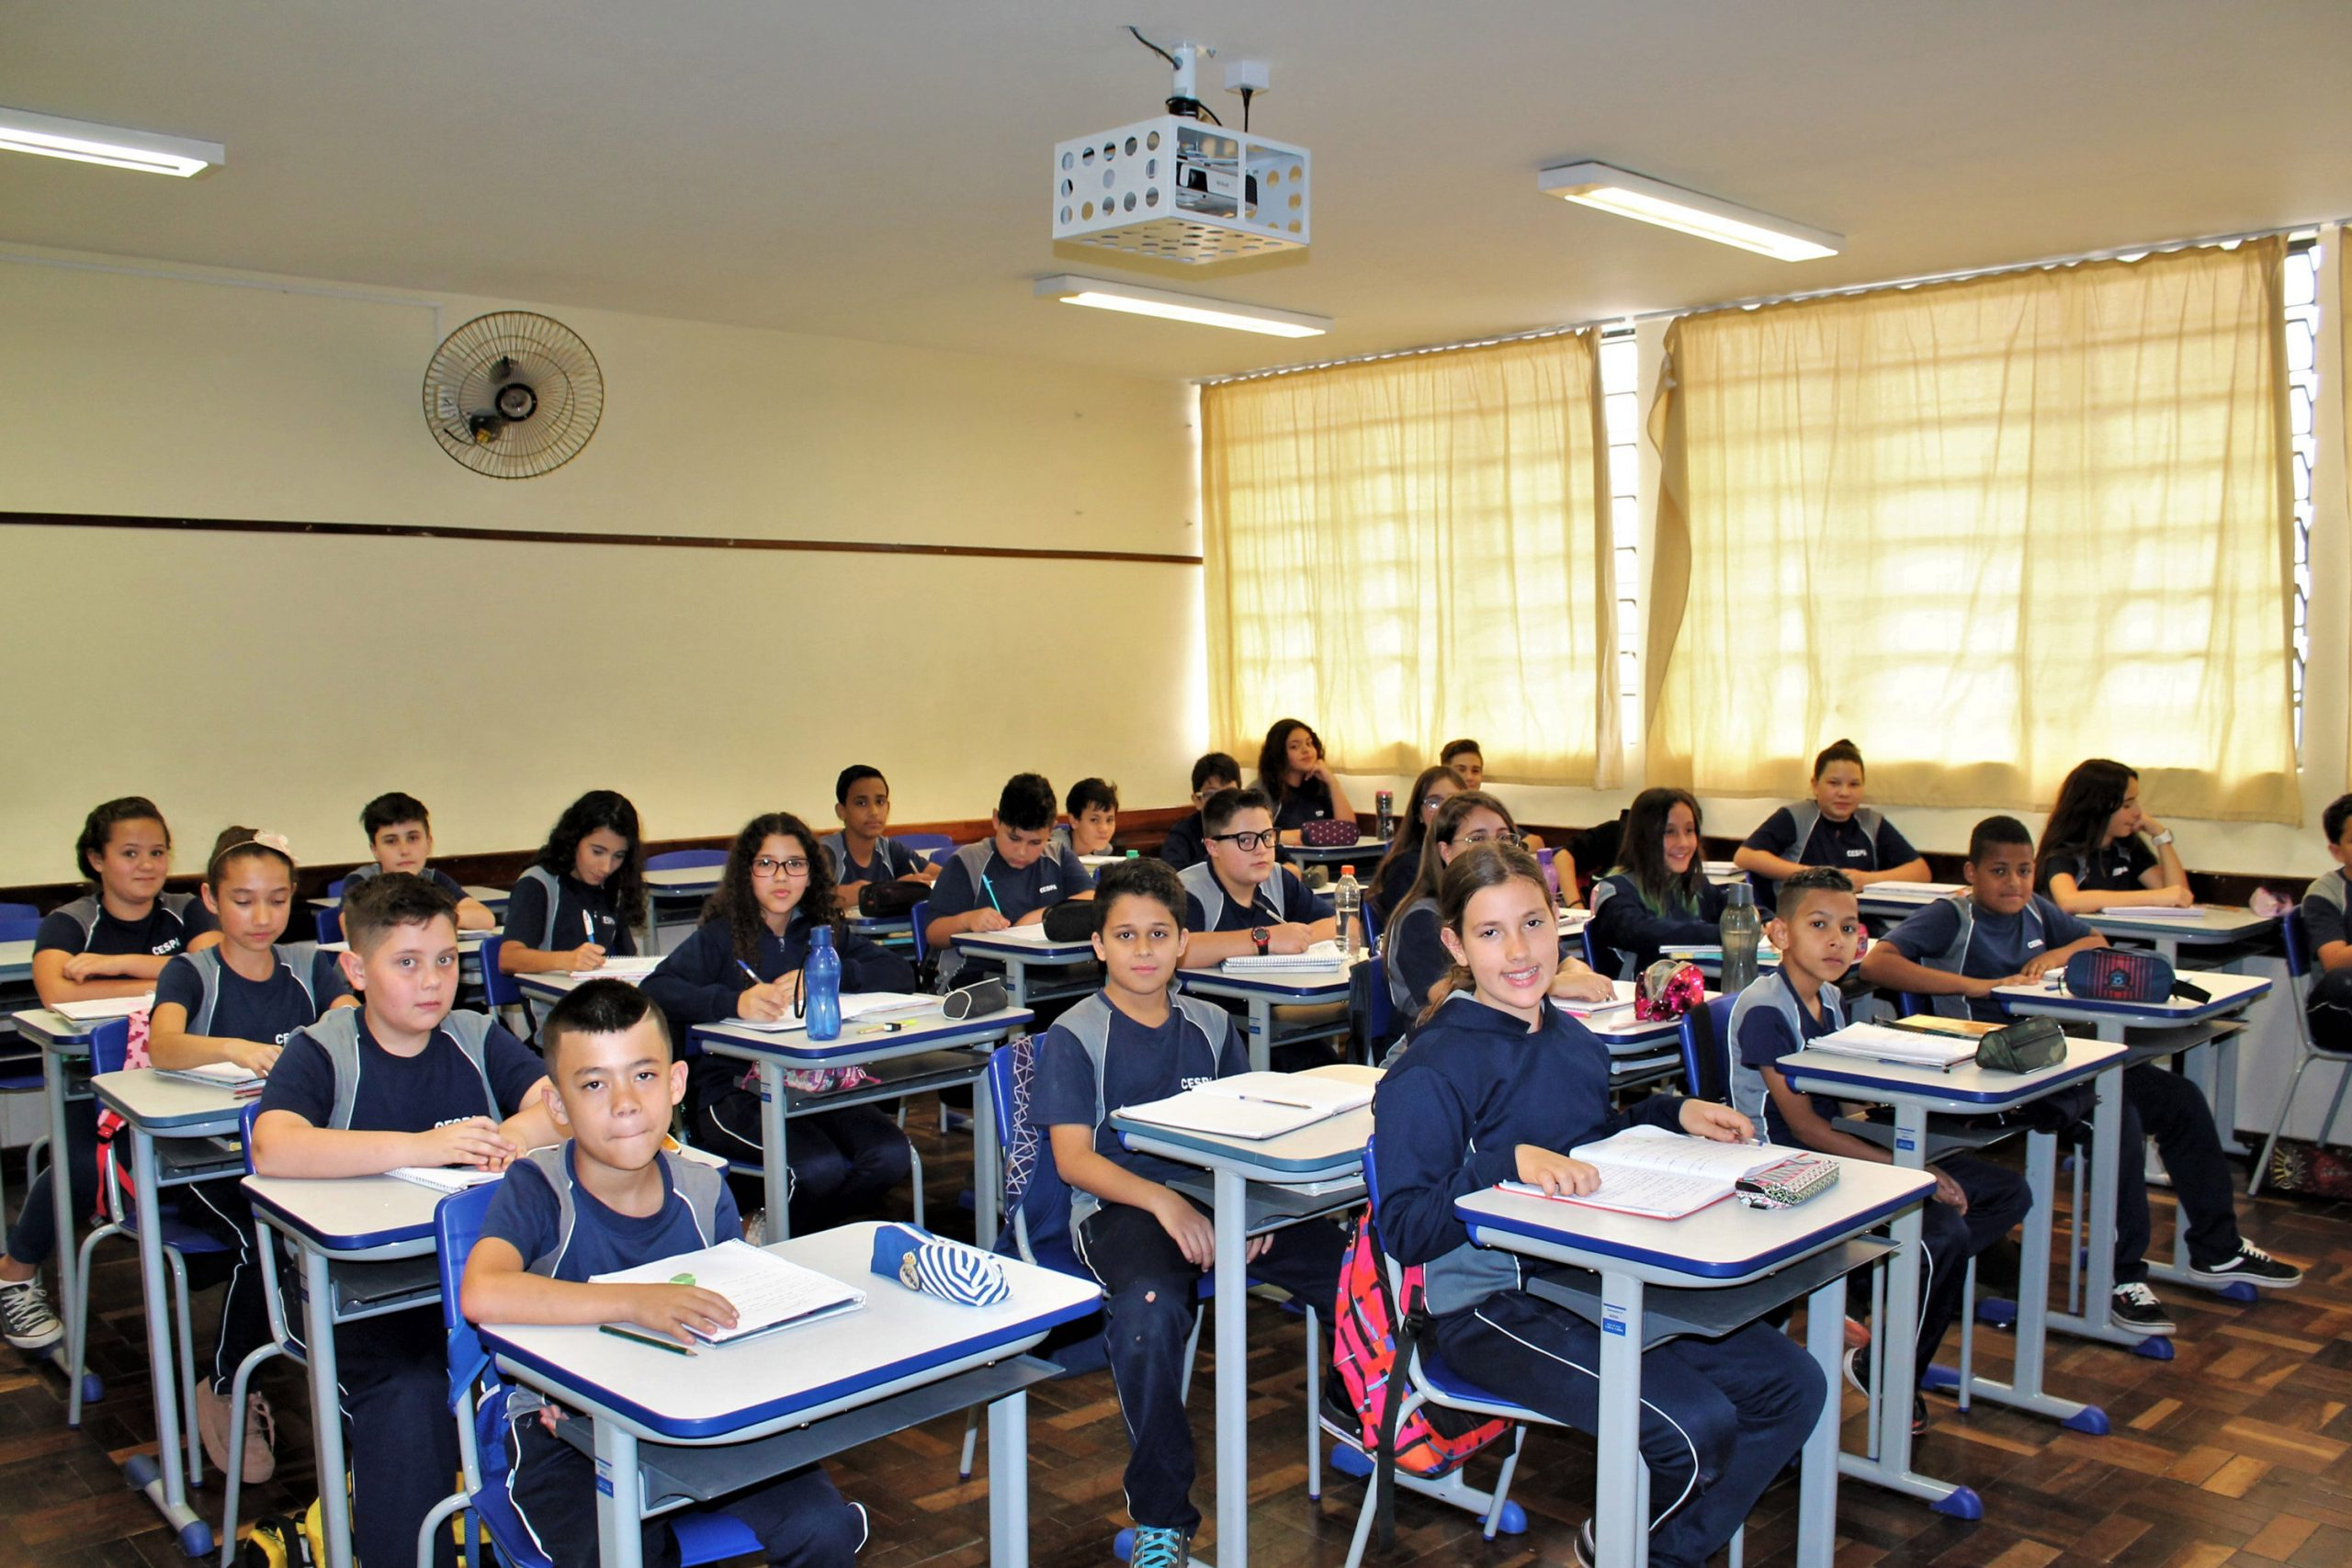 A primeira grande ação do ano será a Prova Paraná, que acontece dia 18 de fevereiro. Outras novidades são a educação financeira e o programa Mais Aprendizagem, de contra turno escolar